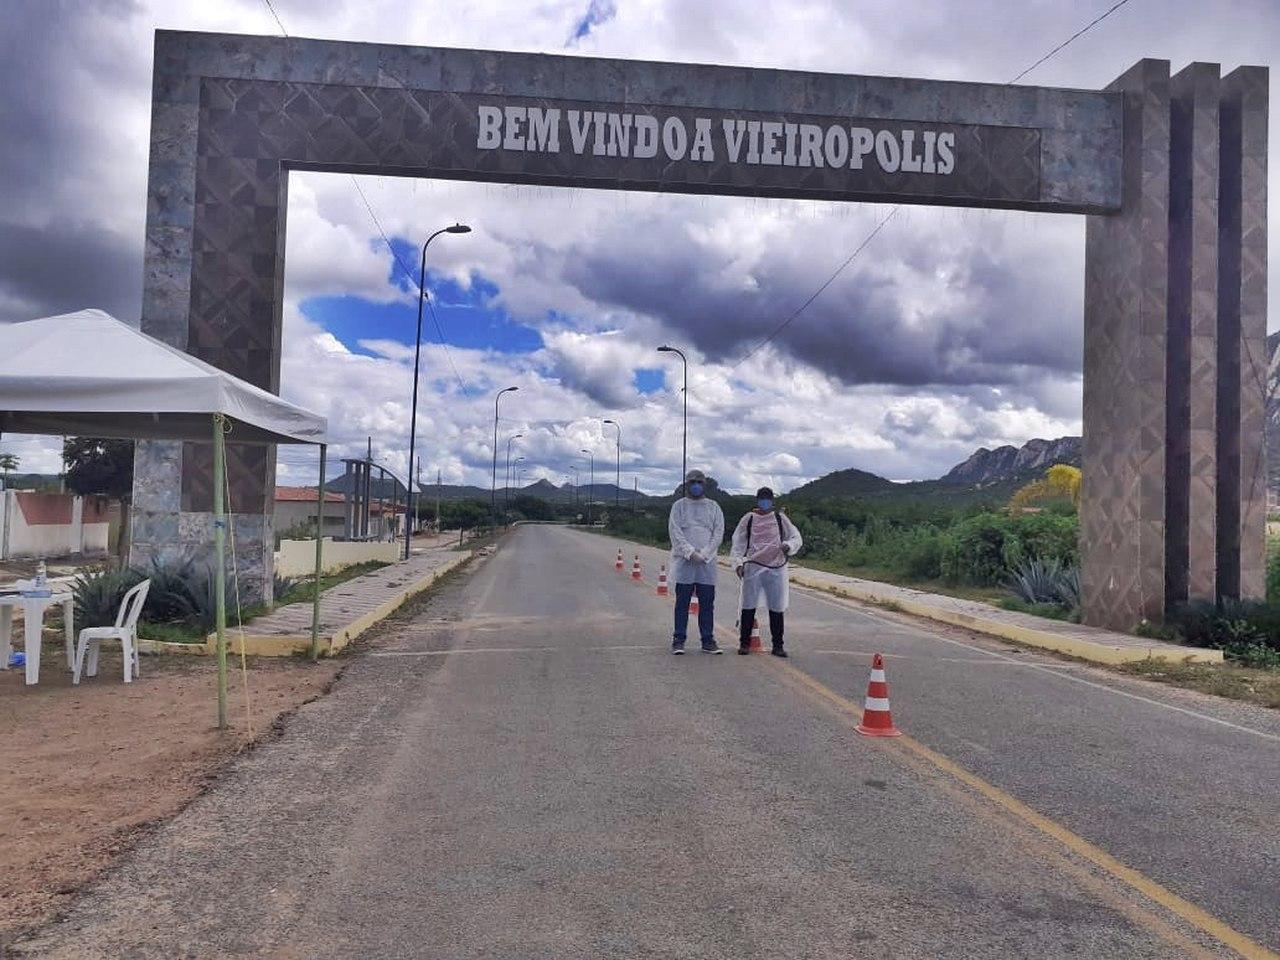 11062020 v1 Easy Resize.com - Prefeitura de Vieirópolis inicia barreira sanitária na entrada de acesso ao município para combater a disseminação do coronavírus; VEJA